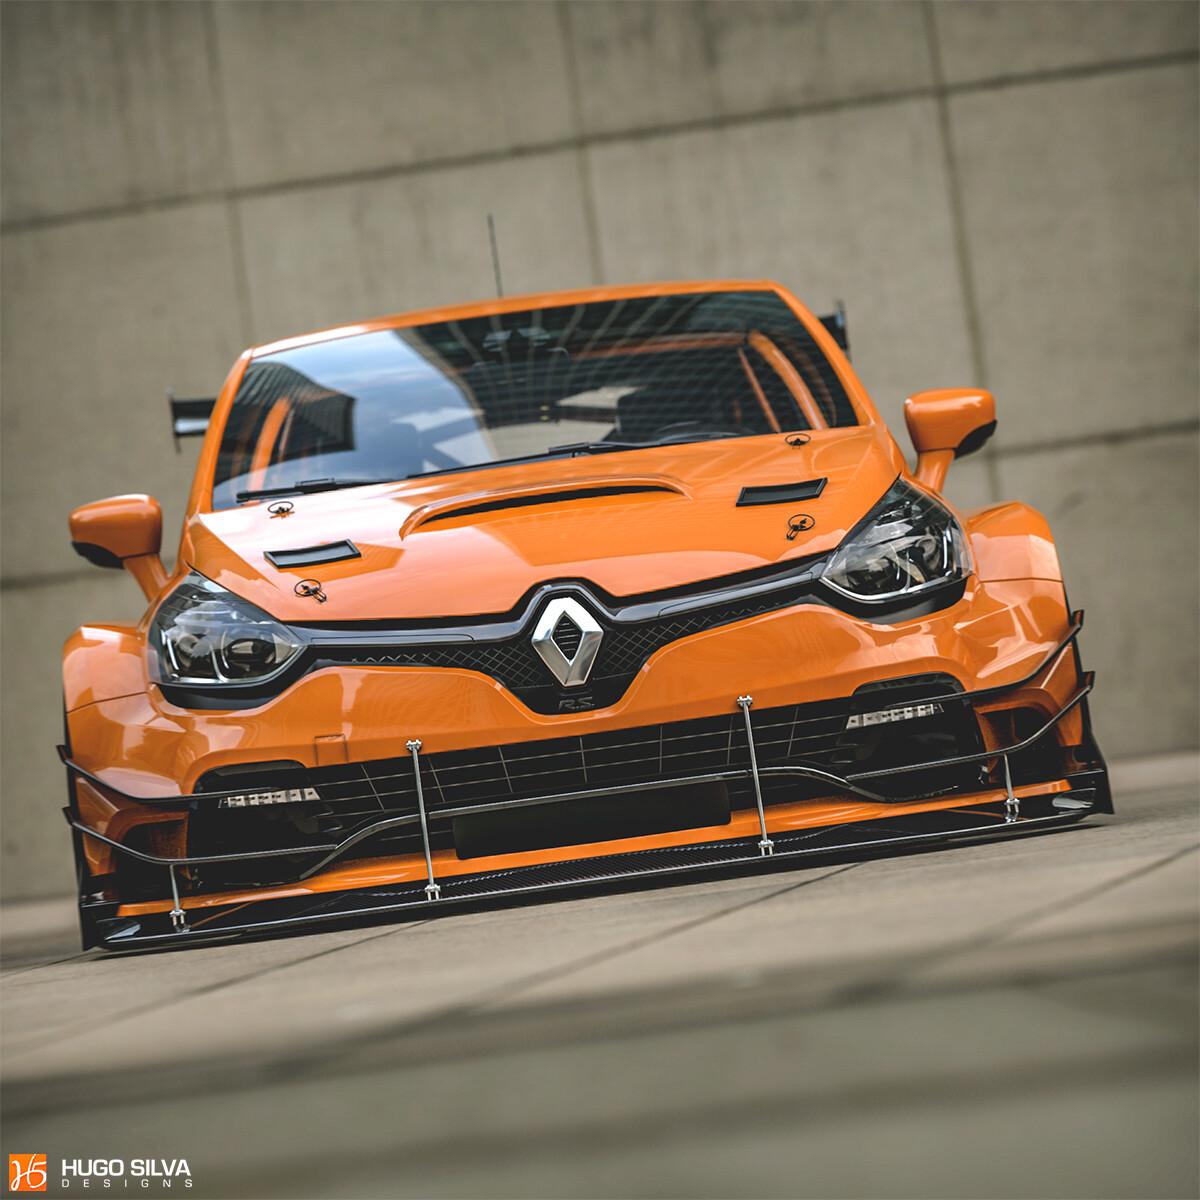 Renault-Clio-RS-wide-bodykit-renderings-3